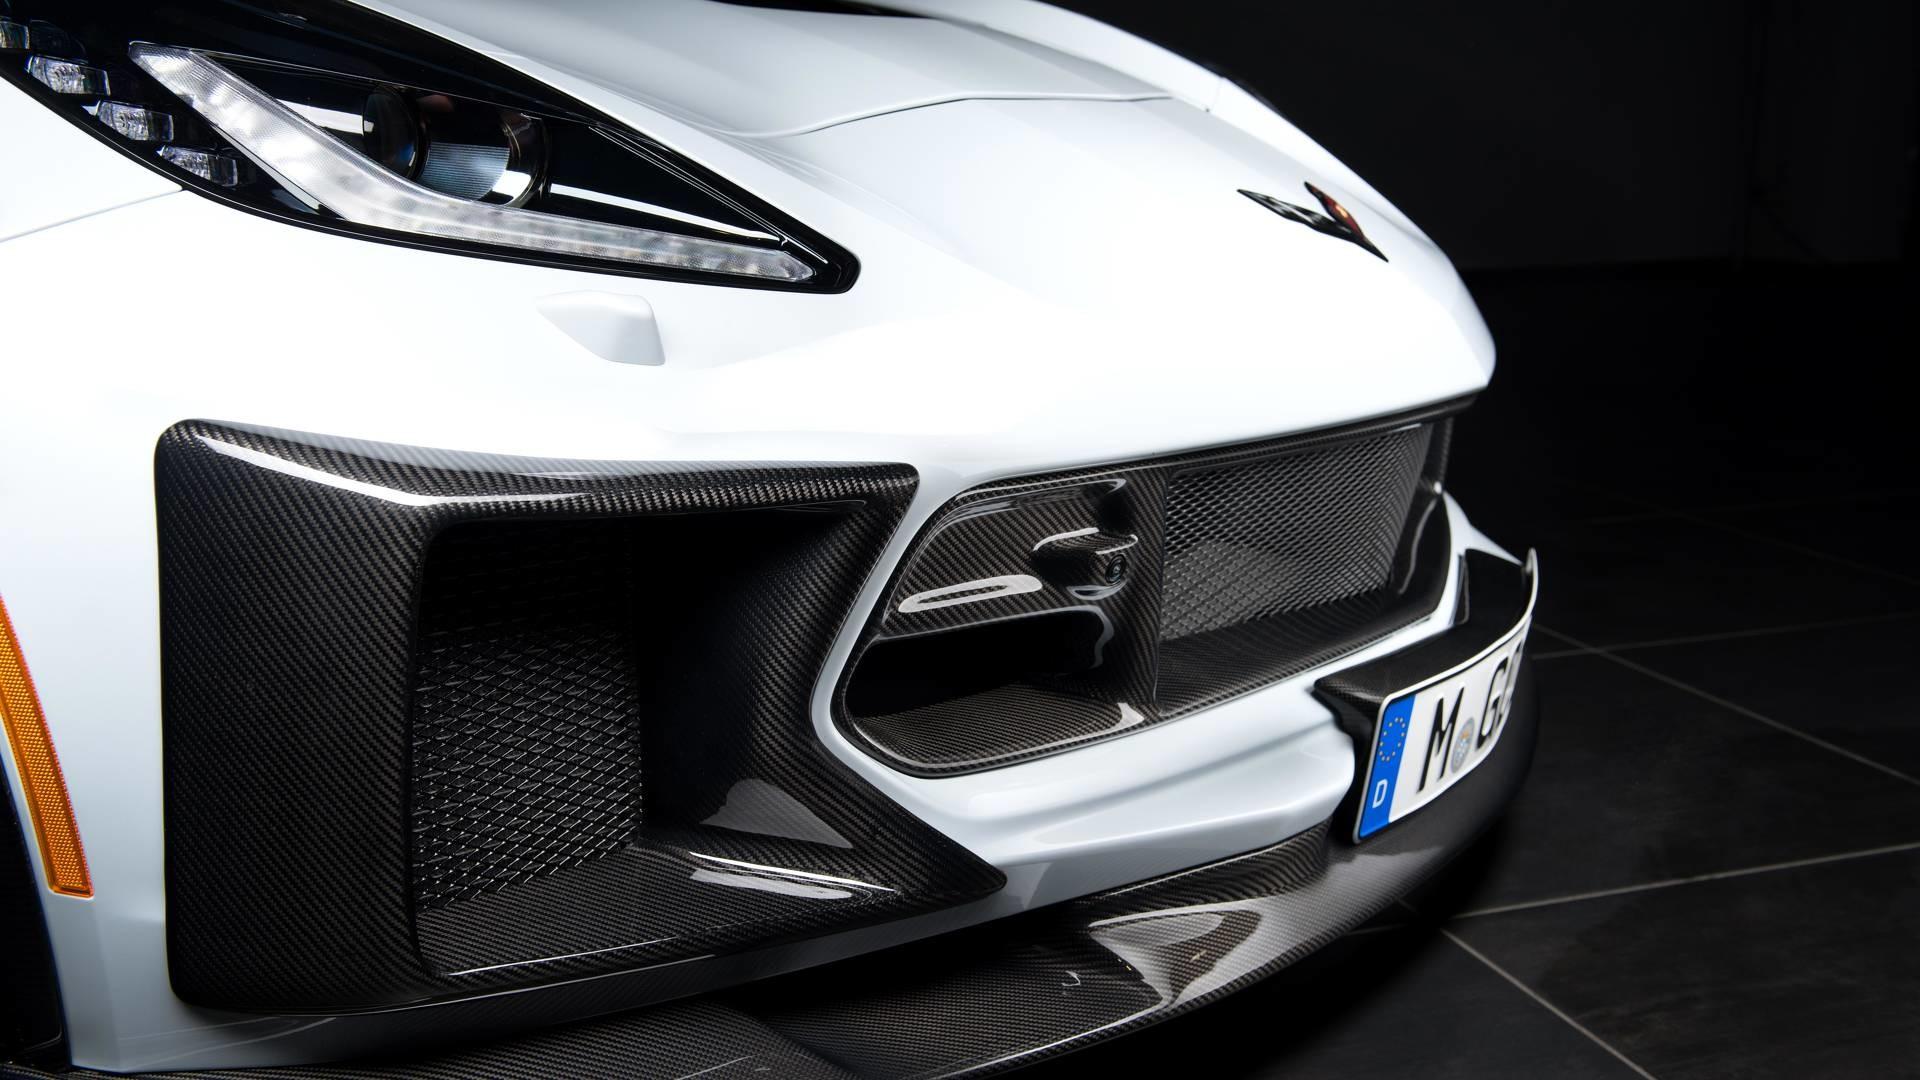 Foto de Corvette Z06 Geiger Carbon 65 Edition (5/15)